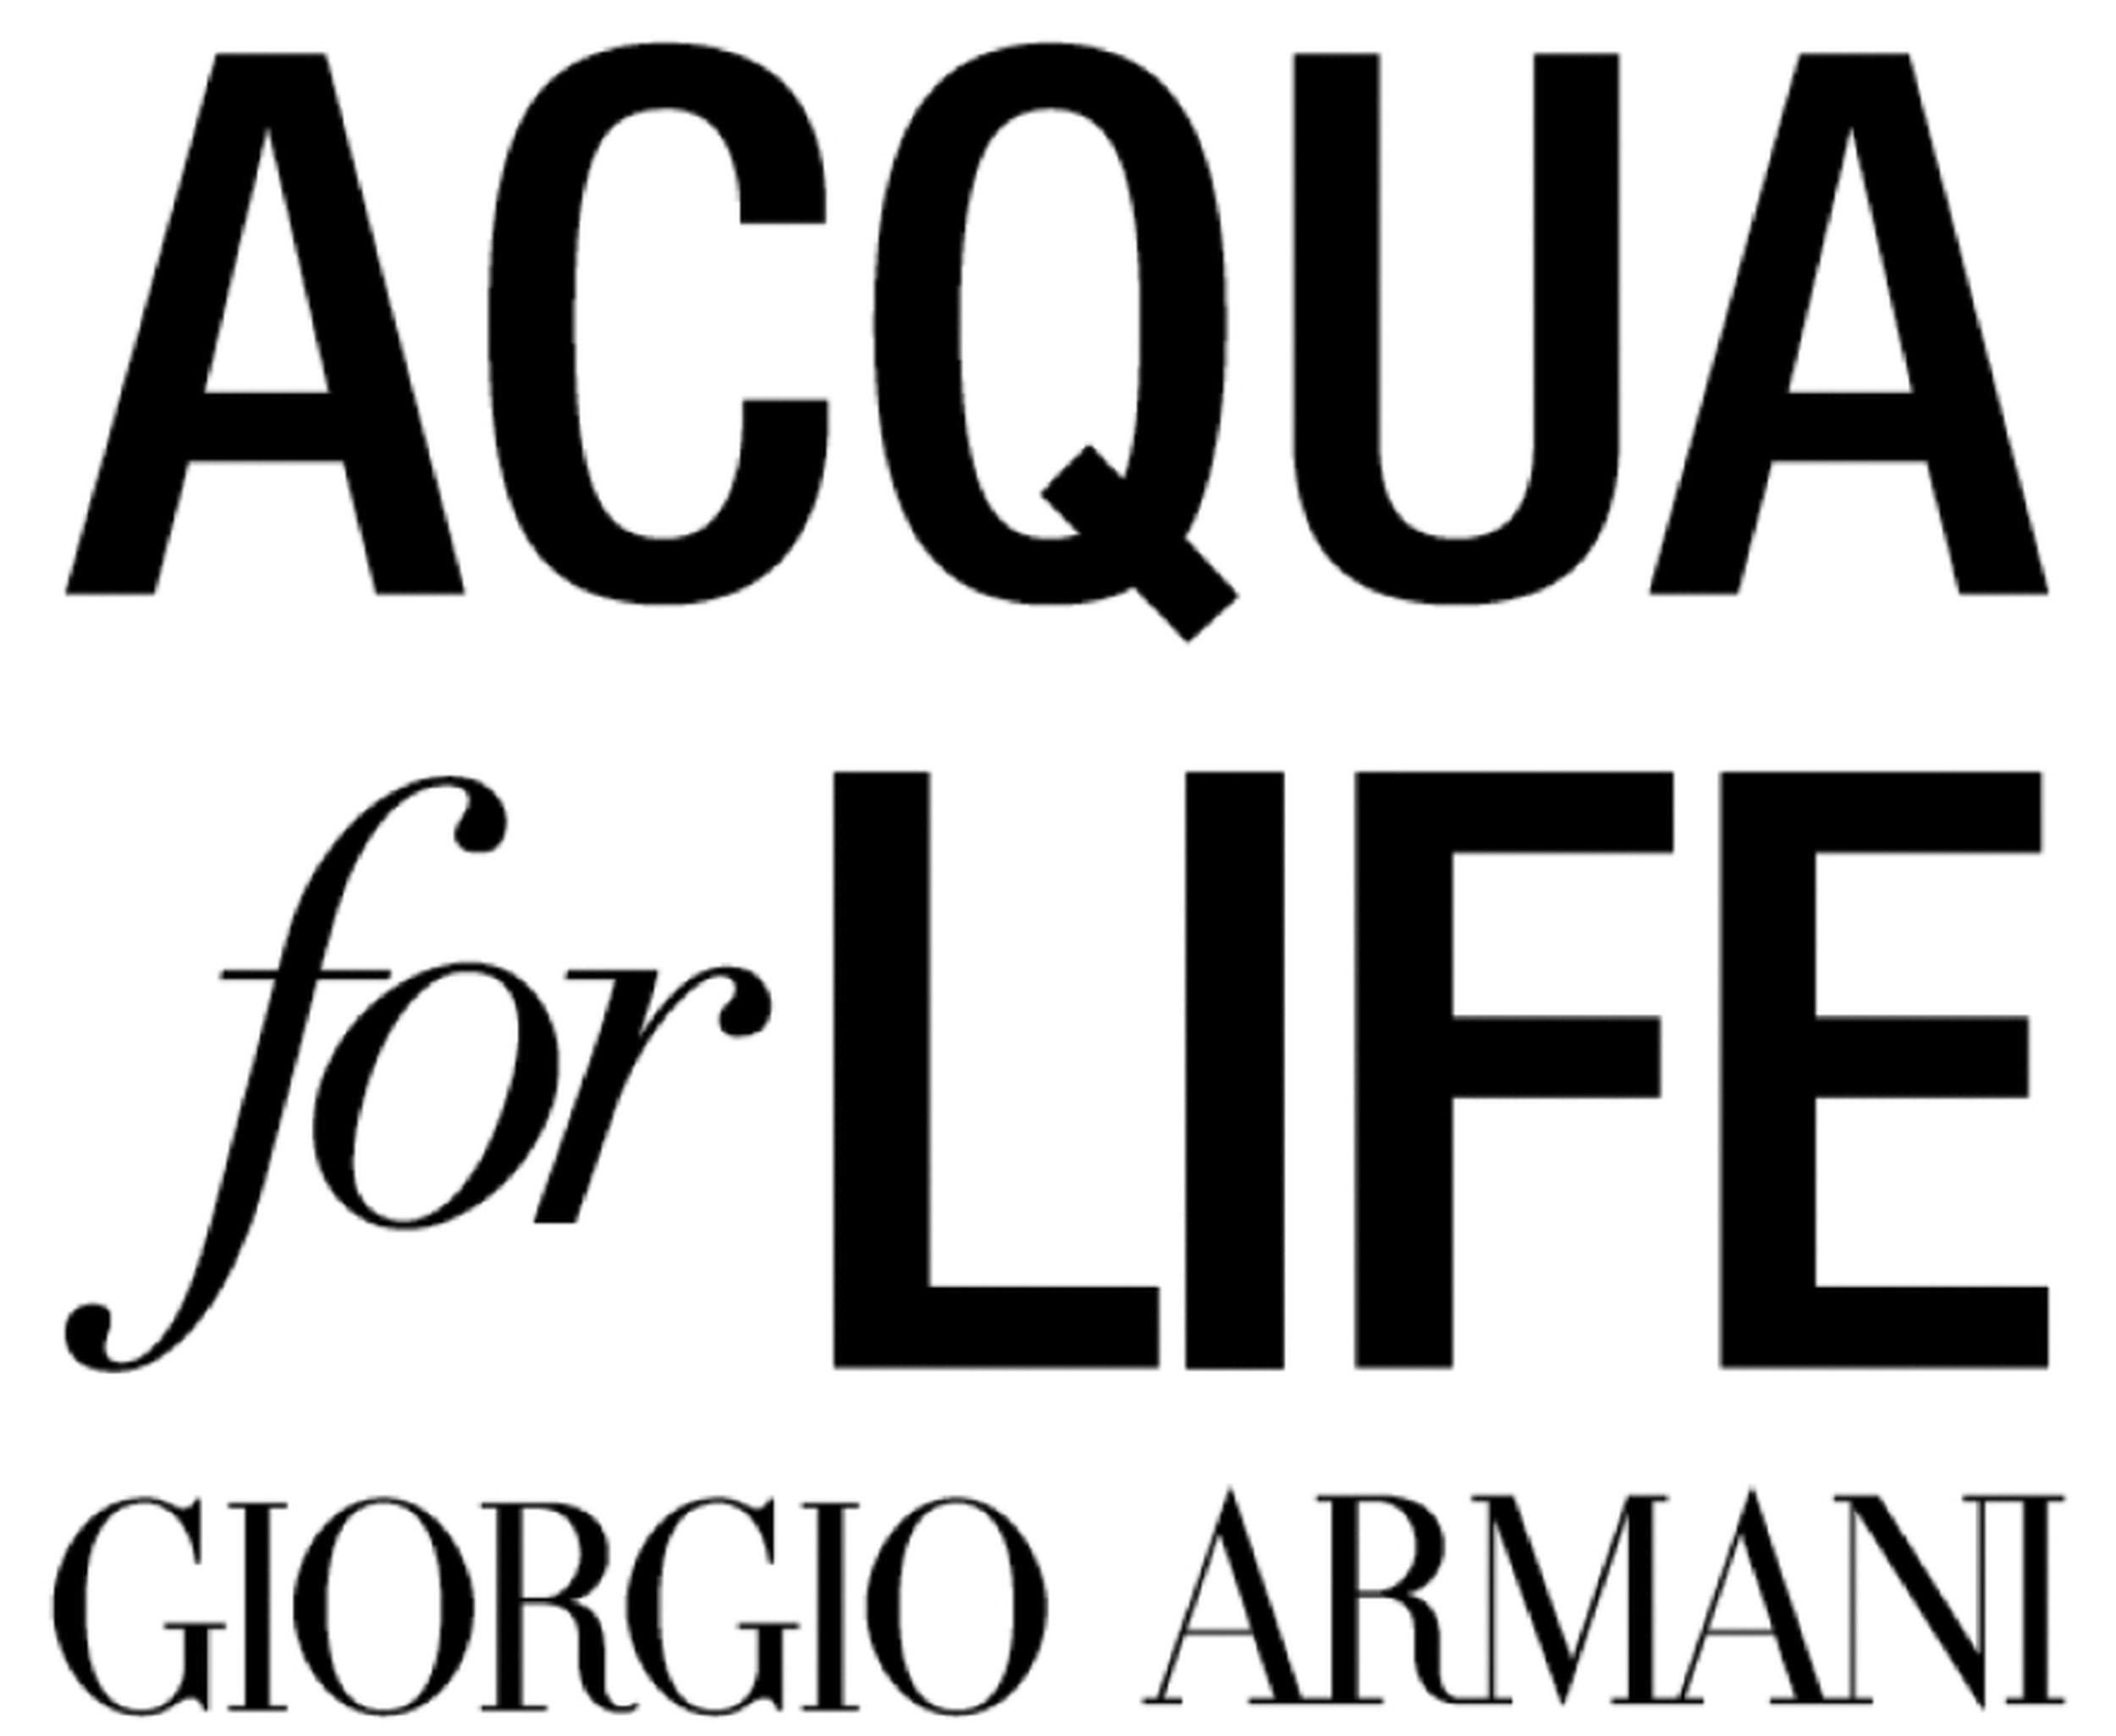 Giorgio Armani Enters the Ninth Year of its Acqua for Life